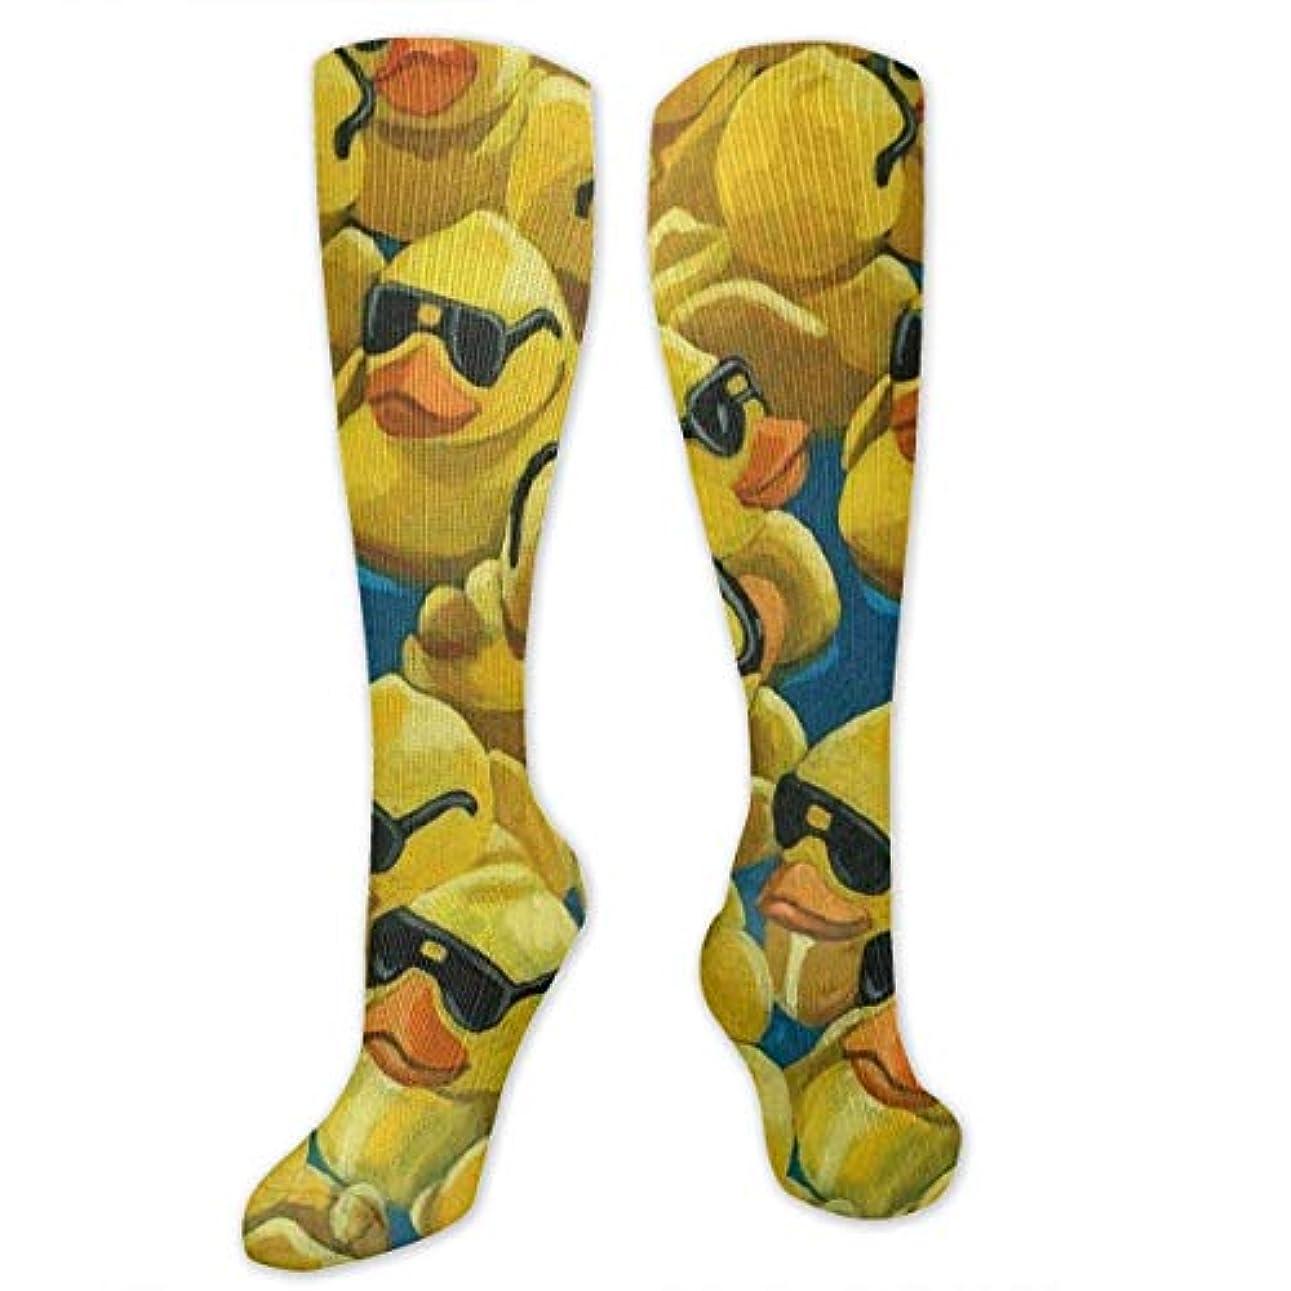 真っ逆さま学ぶ経歴靴下,ストッキング,野生のジョーカー,実際,秋の本質,冬必須,サマーウェア&RBXAA Rubber Duck Painting Unique Socks Women's Winter Cotton Long Tube...